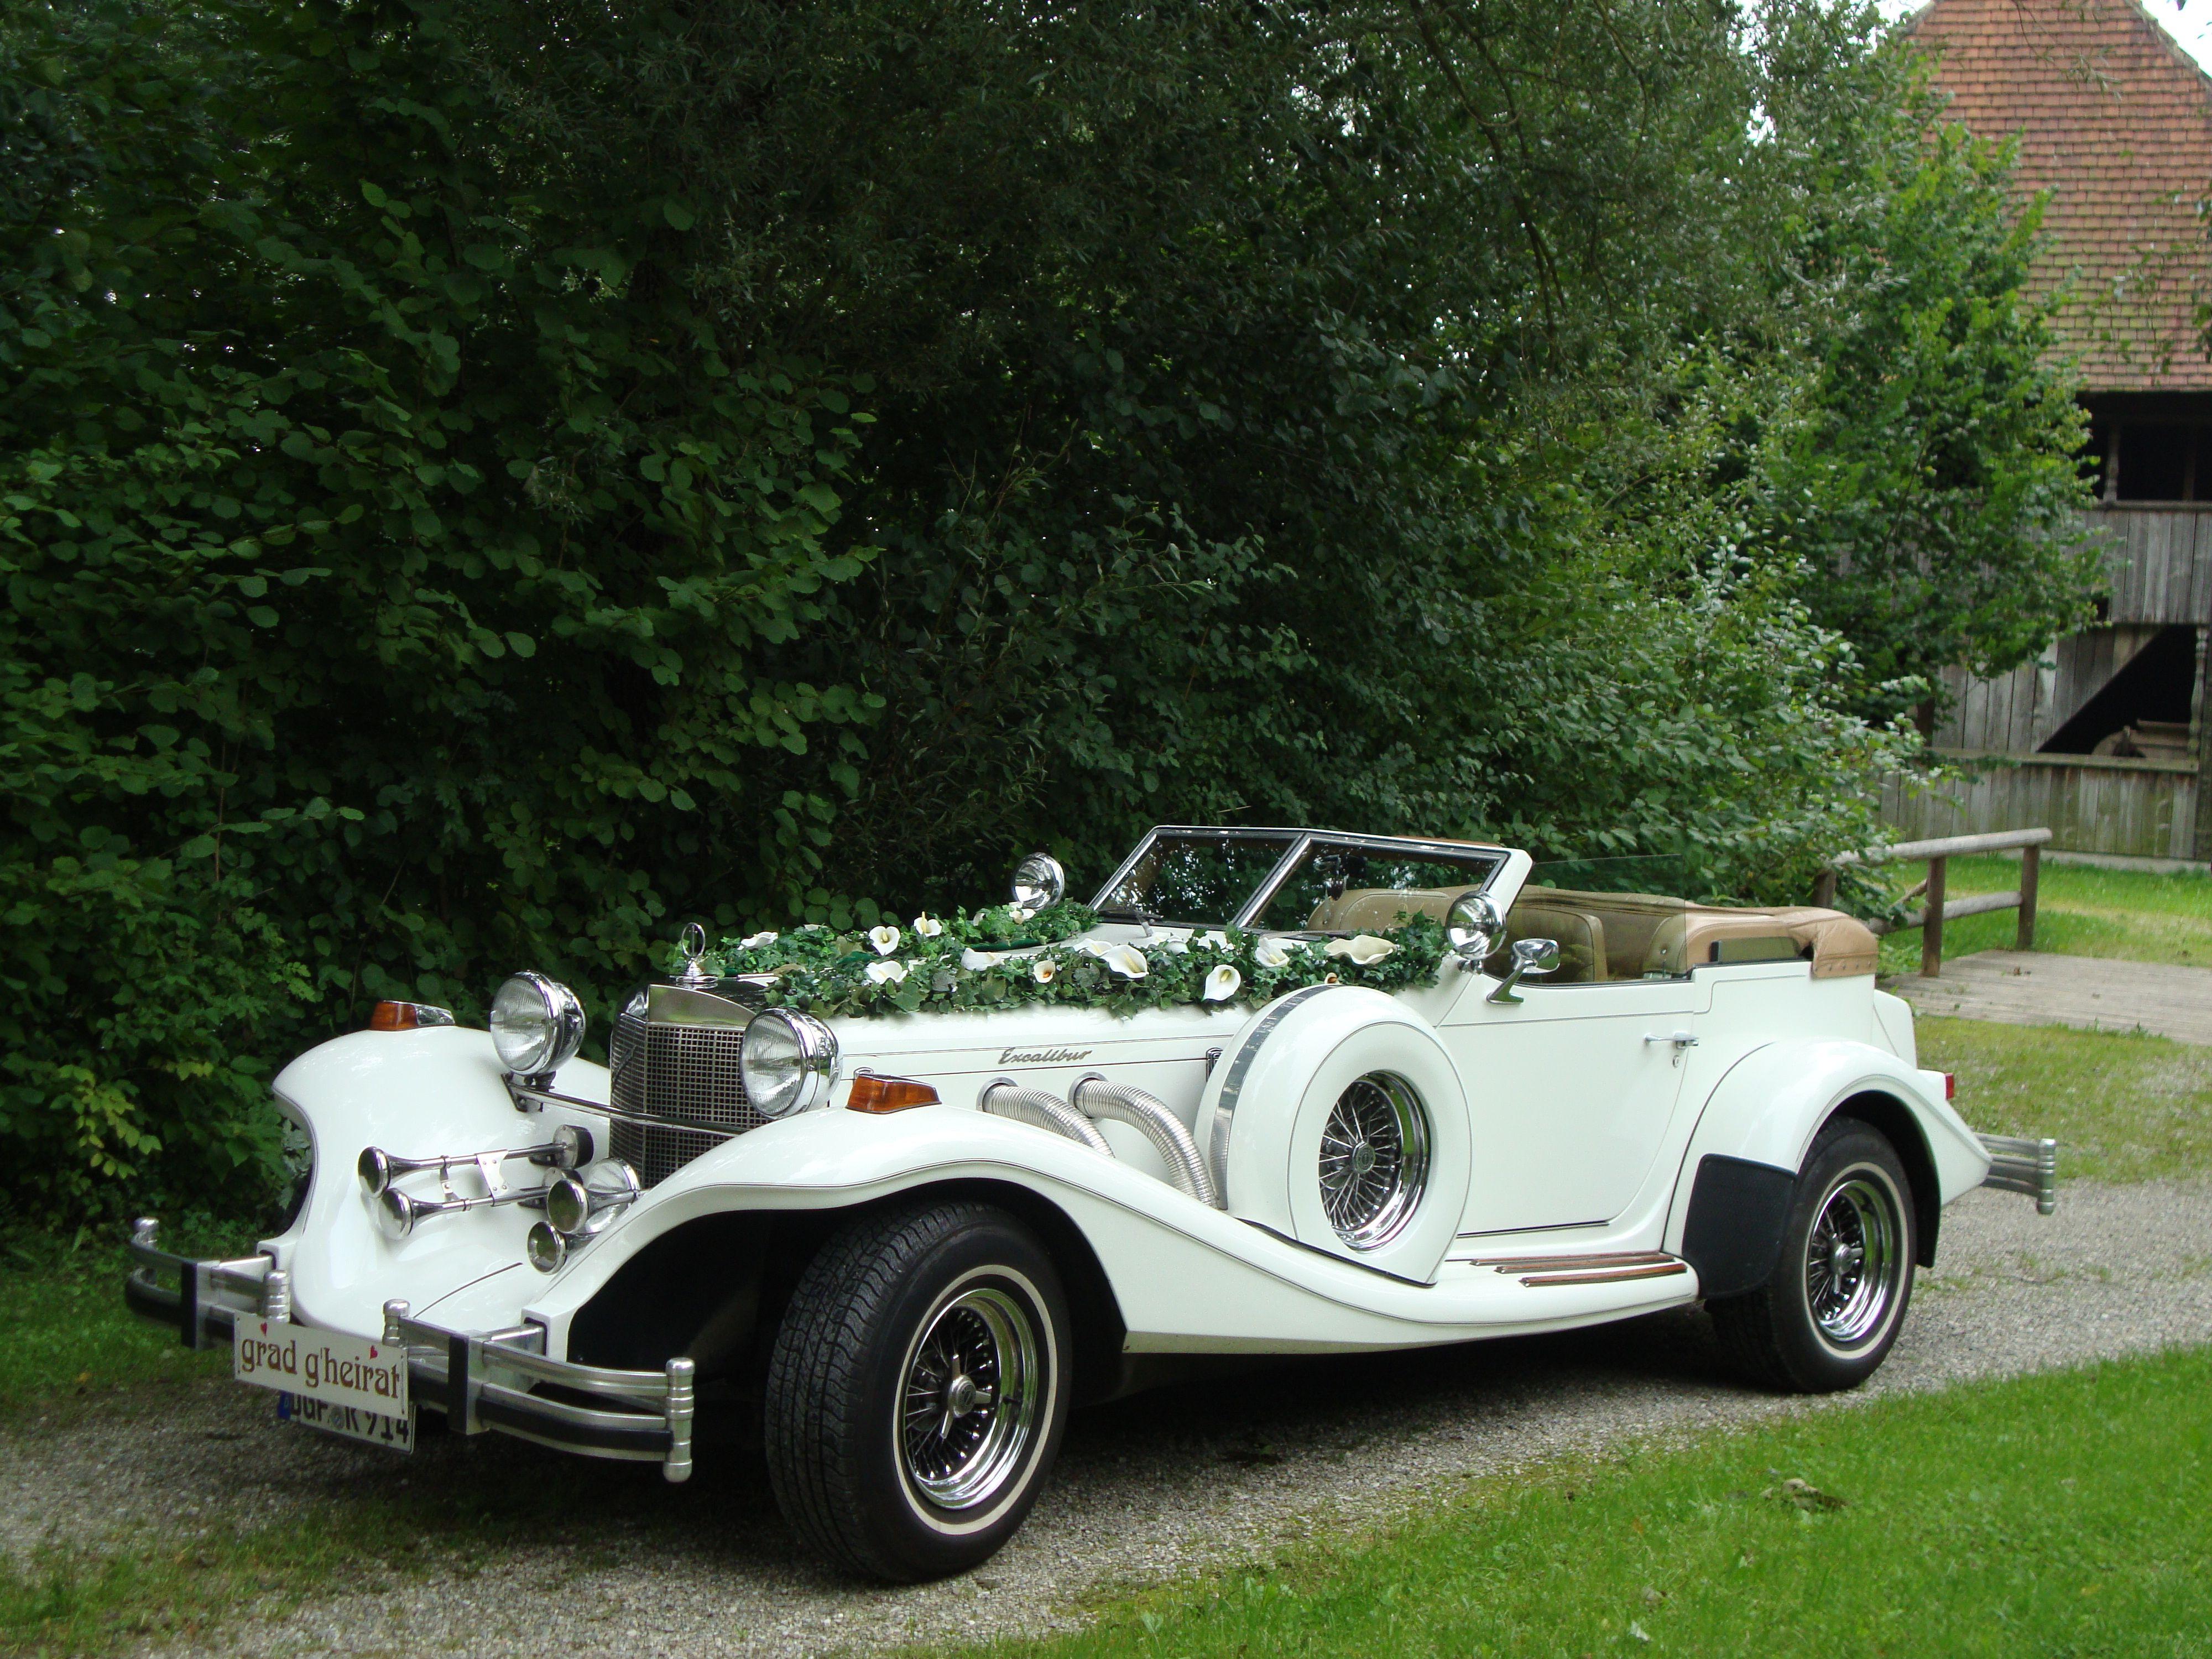 Hochzeitsauto Excalibur Cabrio Fur Hochzeiten Und Geburtstagausfahrten Hochzeit Auto Hochzeitswagen Stretchlimousine